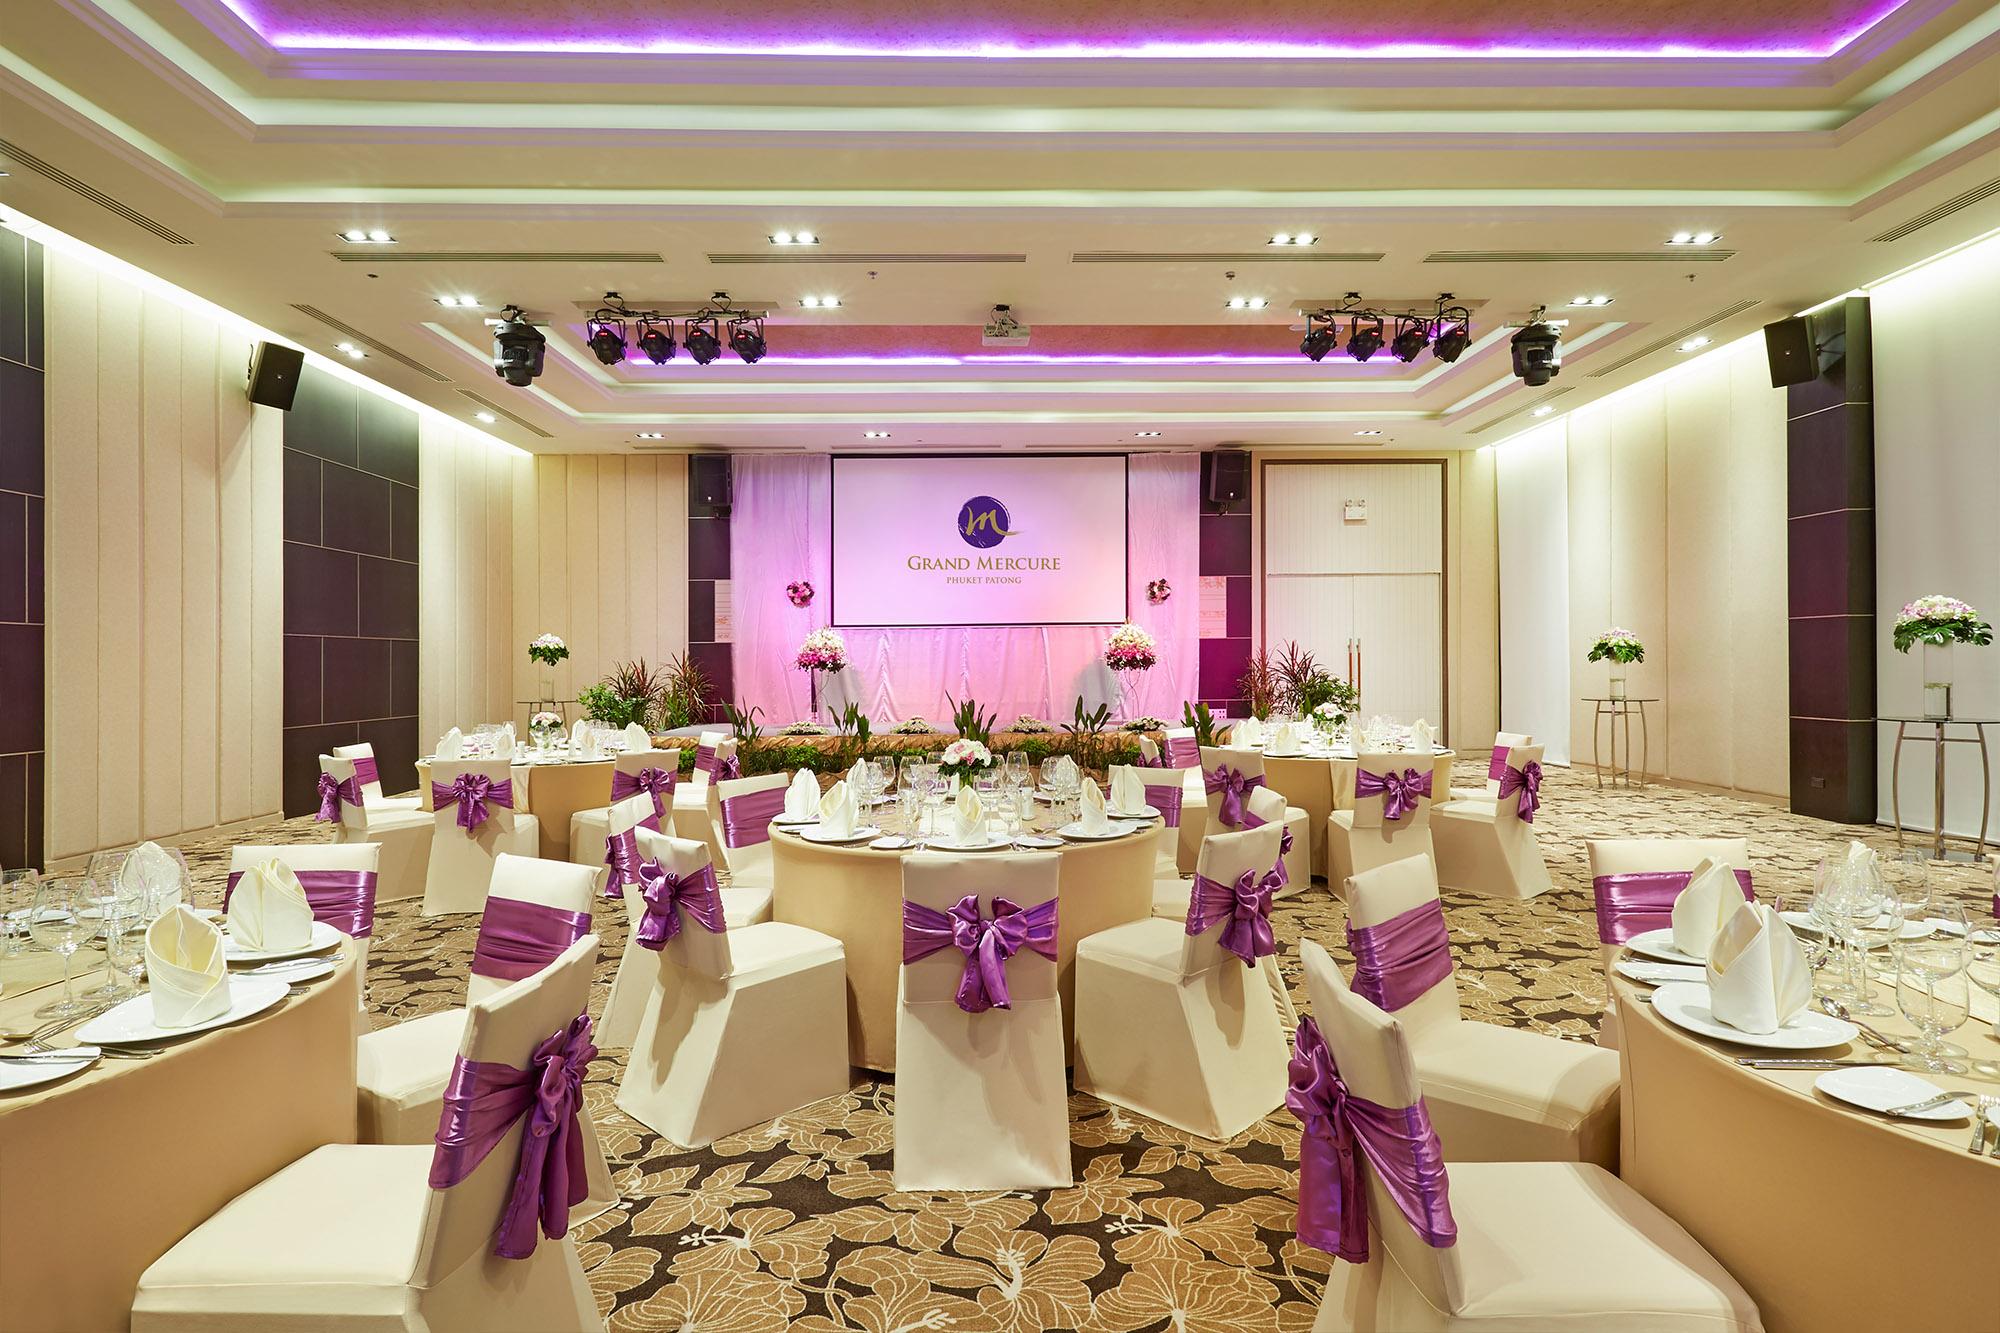 美爵普吉岛芭东大酒店 Grand Mercure Phuket Patong 普吉岛 美爵 芭东 5星酒店 普吉 美爵